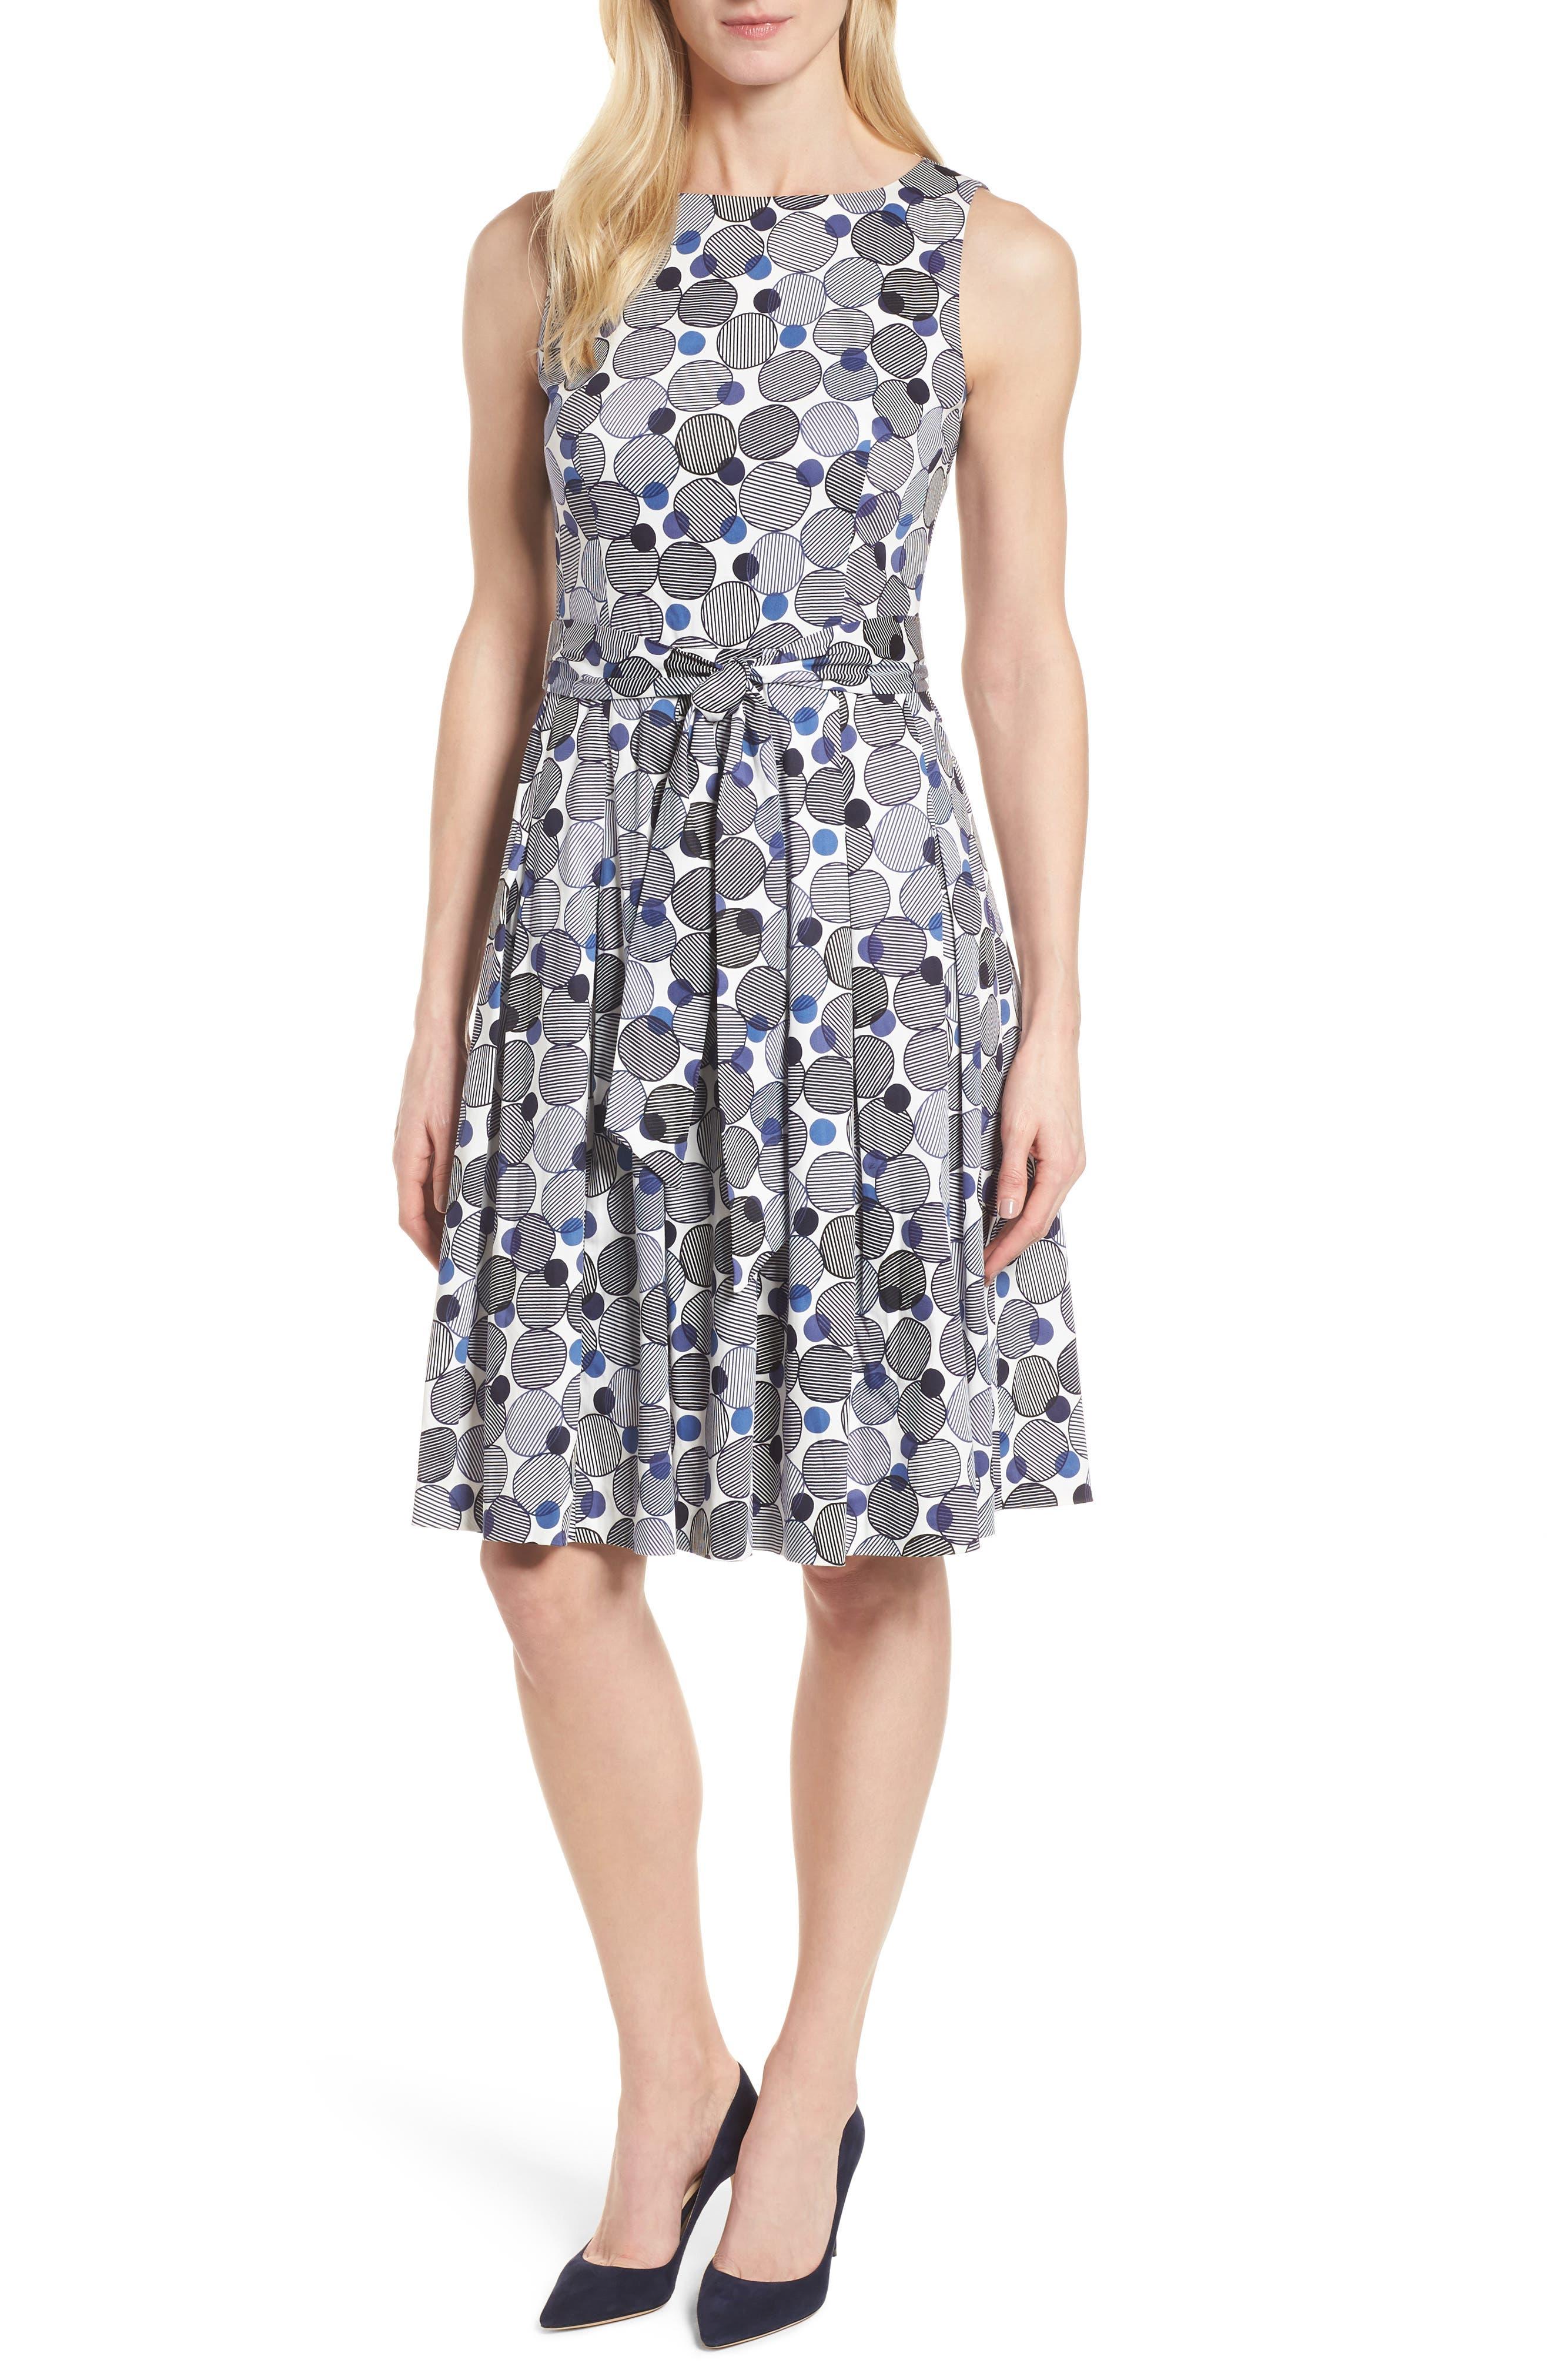 Malibu Bluffs Stretch Cotton Fit & Flare Dress,                         Main,                         color, Breton Blue/ Monaco Combo